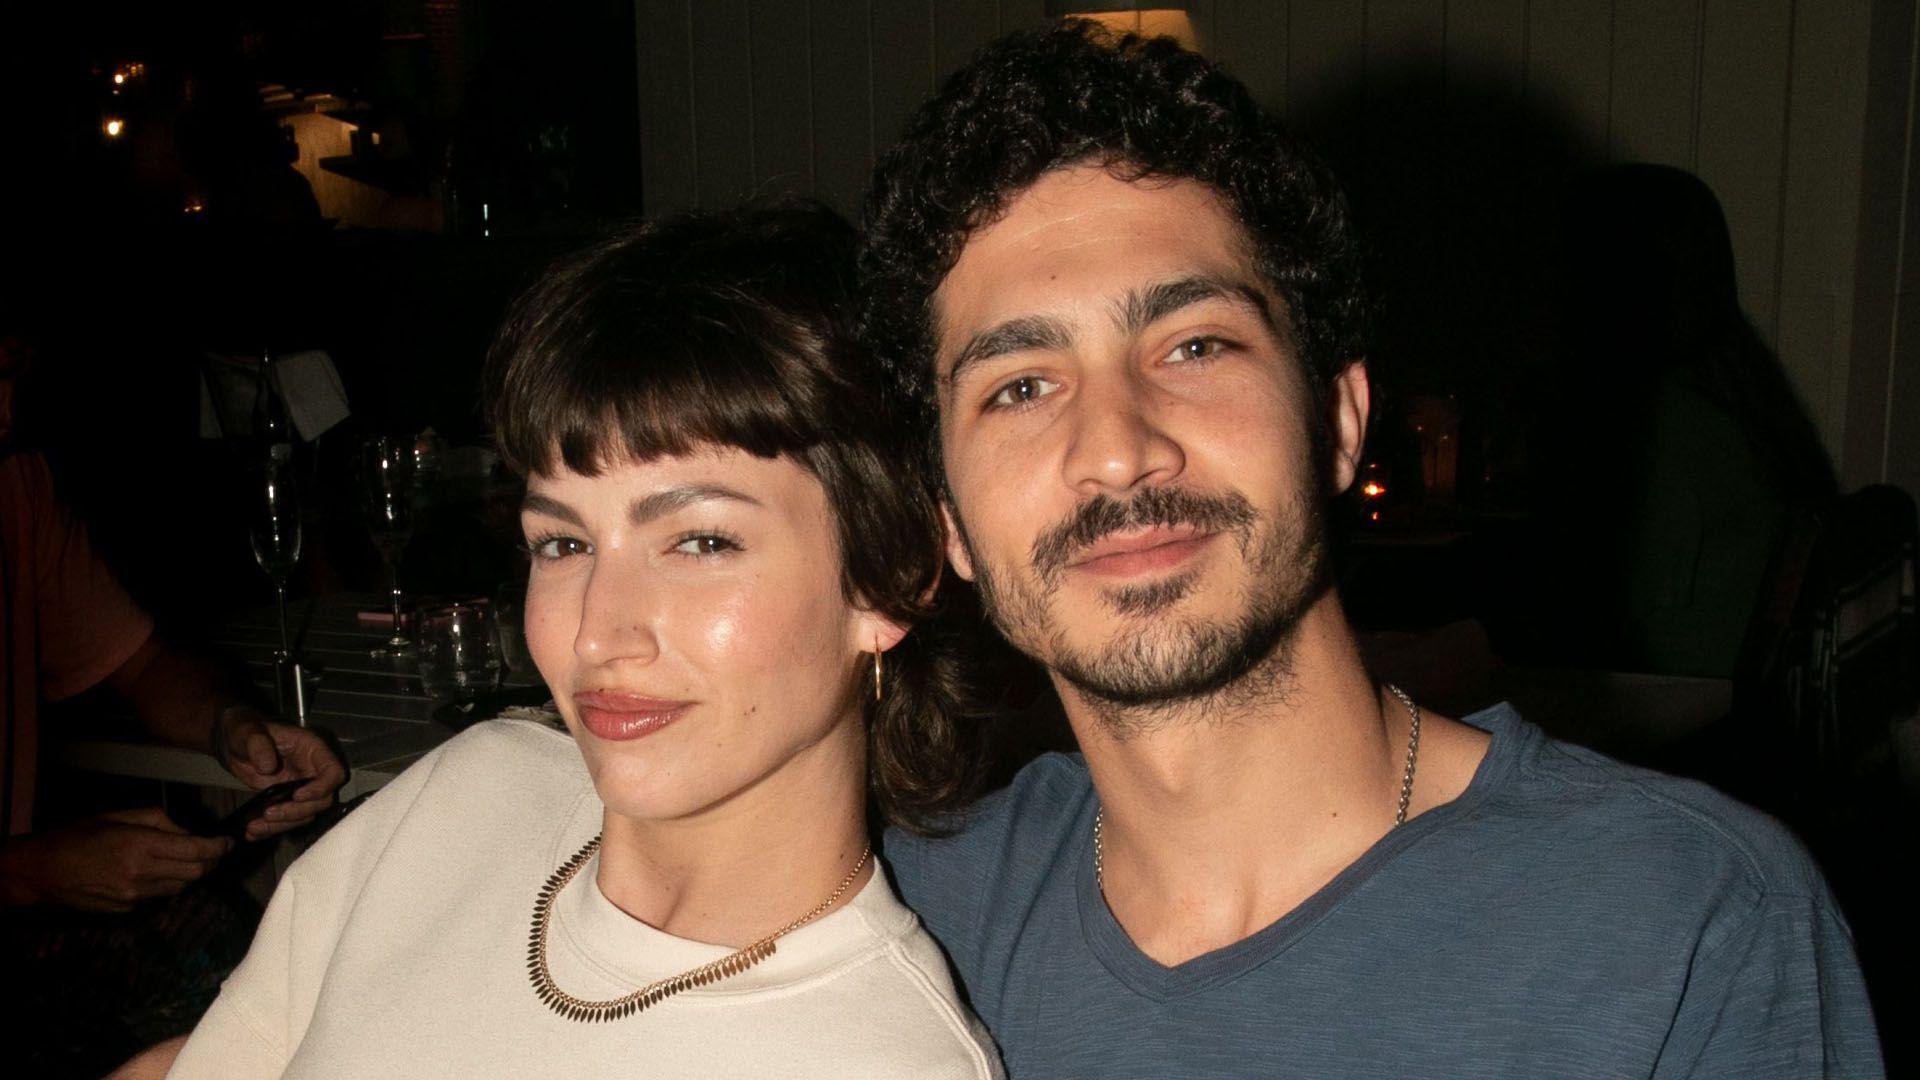 Úrsula Corberó y su novio, Chino Darín